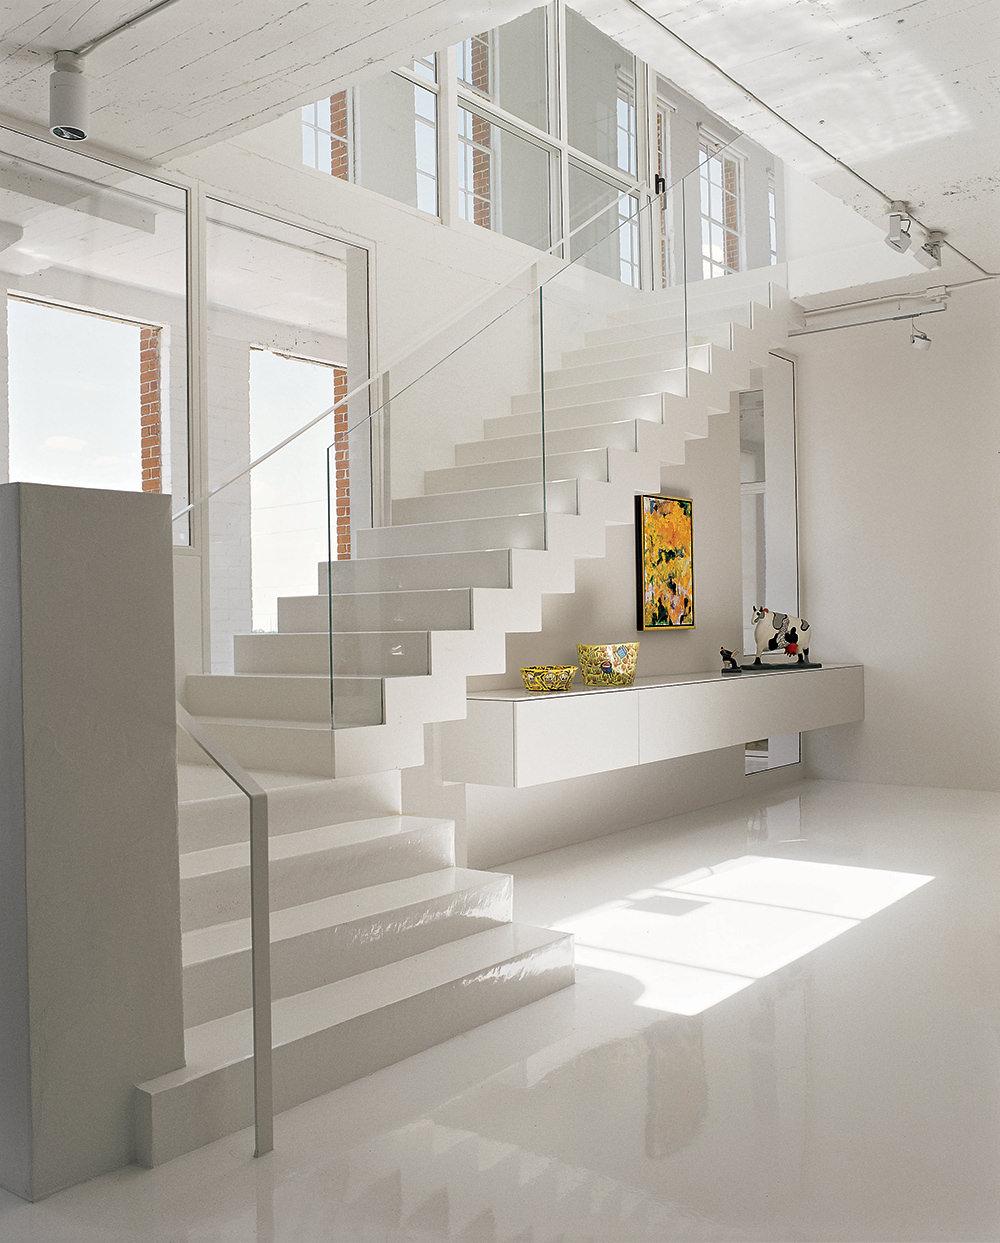 collectors-loft-8.jpg